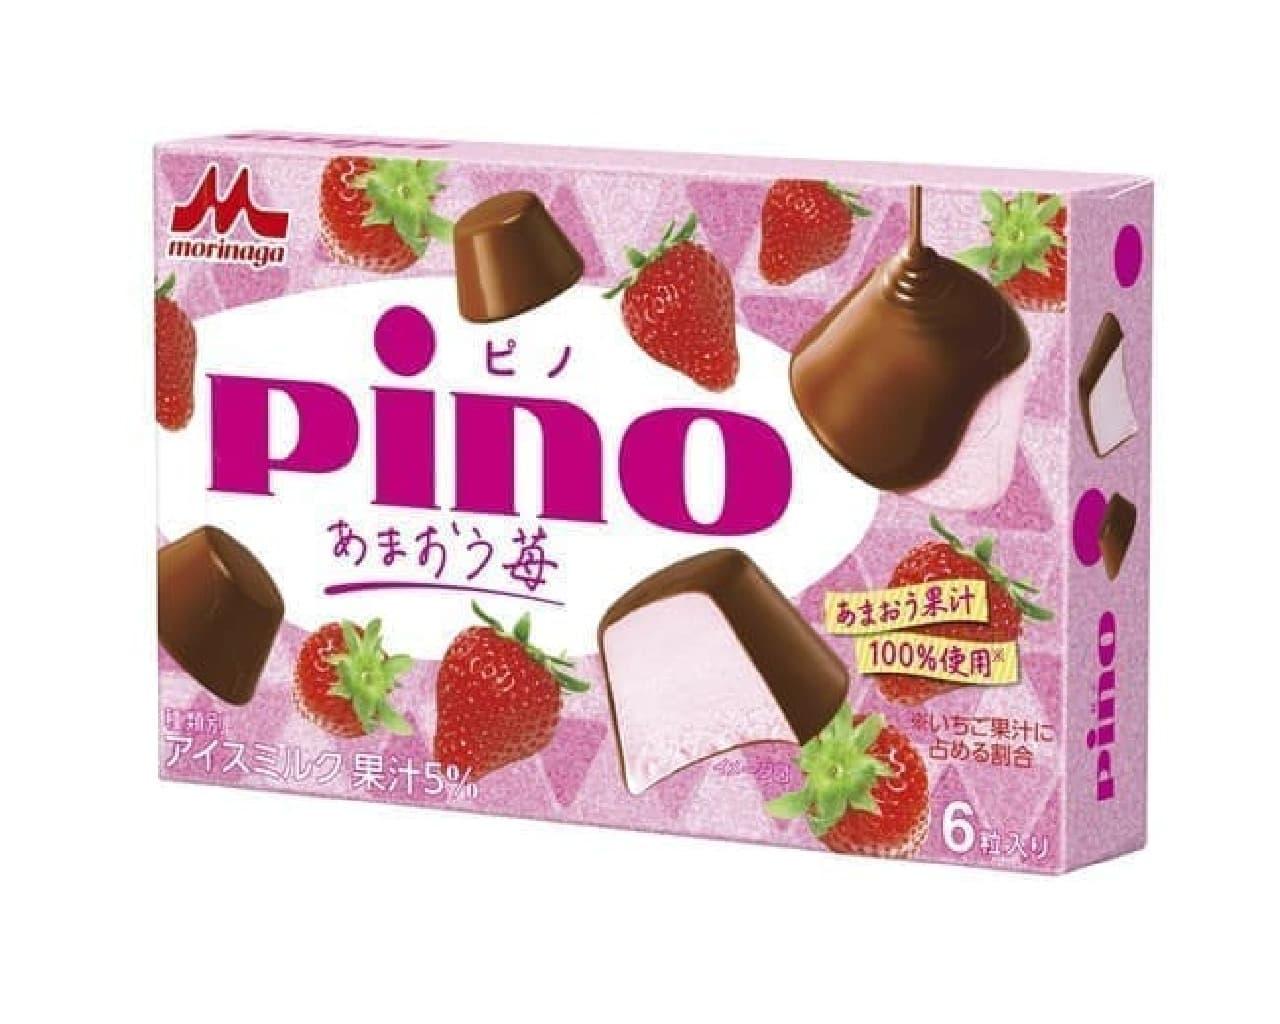 「ピノ あまおう苺」いちごアイスをなめらかチョコでコーティング!果汁はあまおう100%